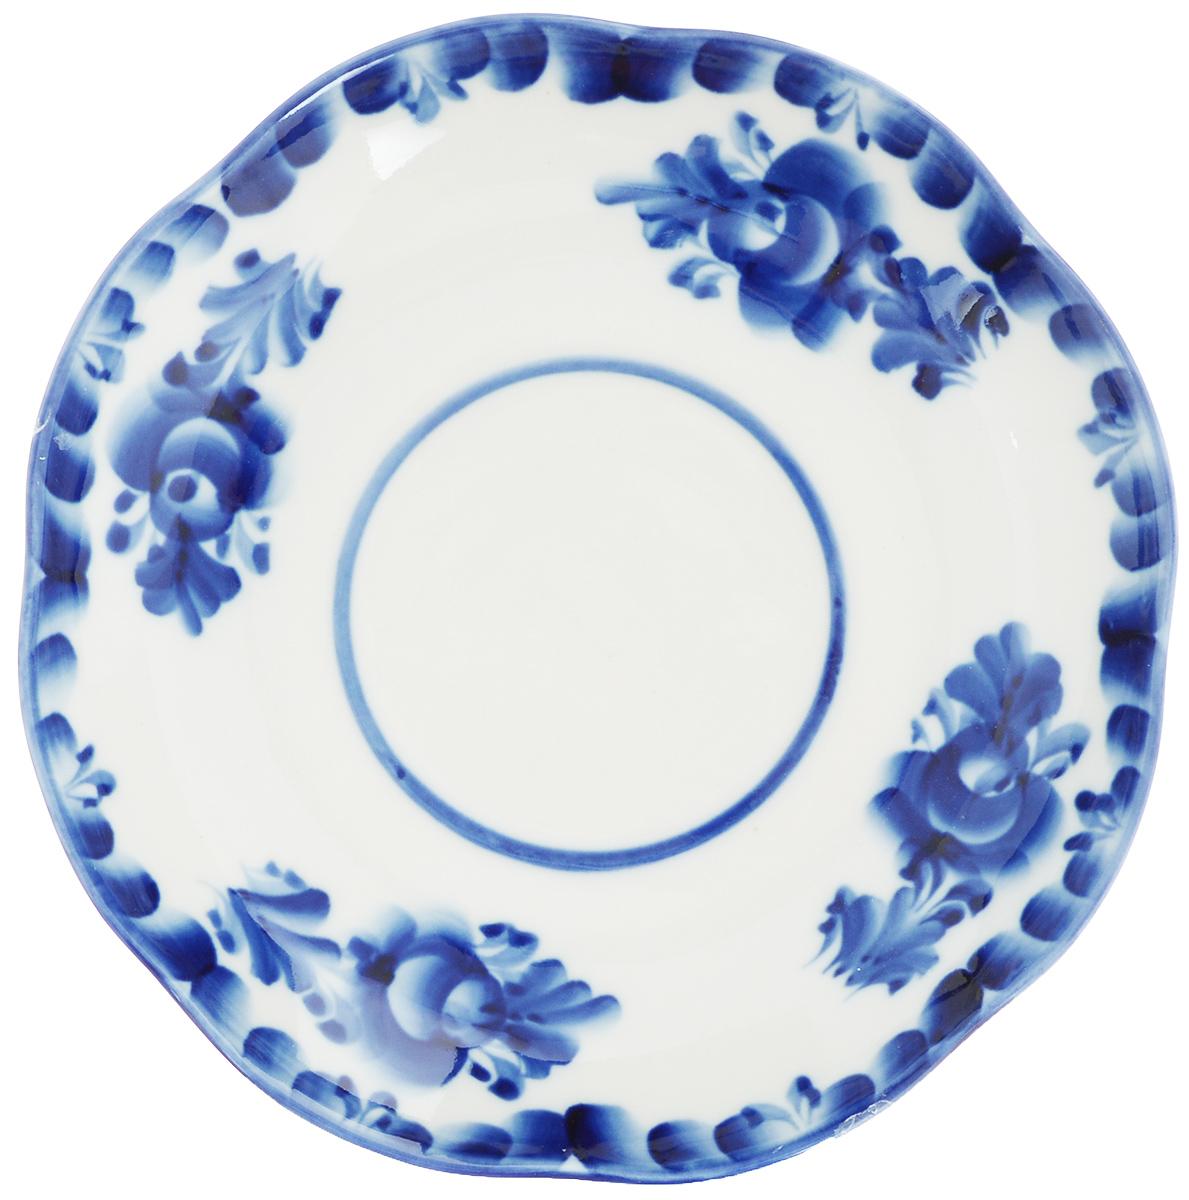 Блюдце Улыбка, диаметр 17,5 см. 993016901115610Блюдце Улыбка, изготовленное из высококачественной керамики, предназначено для красивой сервировки стола. Блюдце оформлено оригинальной гжельской росписью. Прекрасный дизайн изделия идеально подойдет для сервировки стола.Обращаем ваше внимание, что роспись на изделиях выполнена вручную. Рисунок может немного отличаться от изображения на фотографии. Диаметр: 17,5 см. Высота блюдца: 3 см.